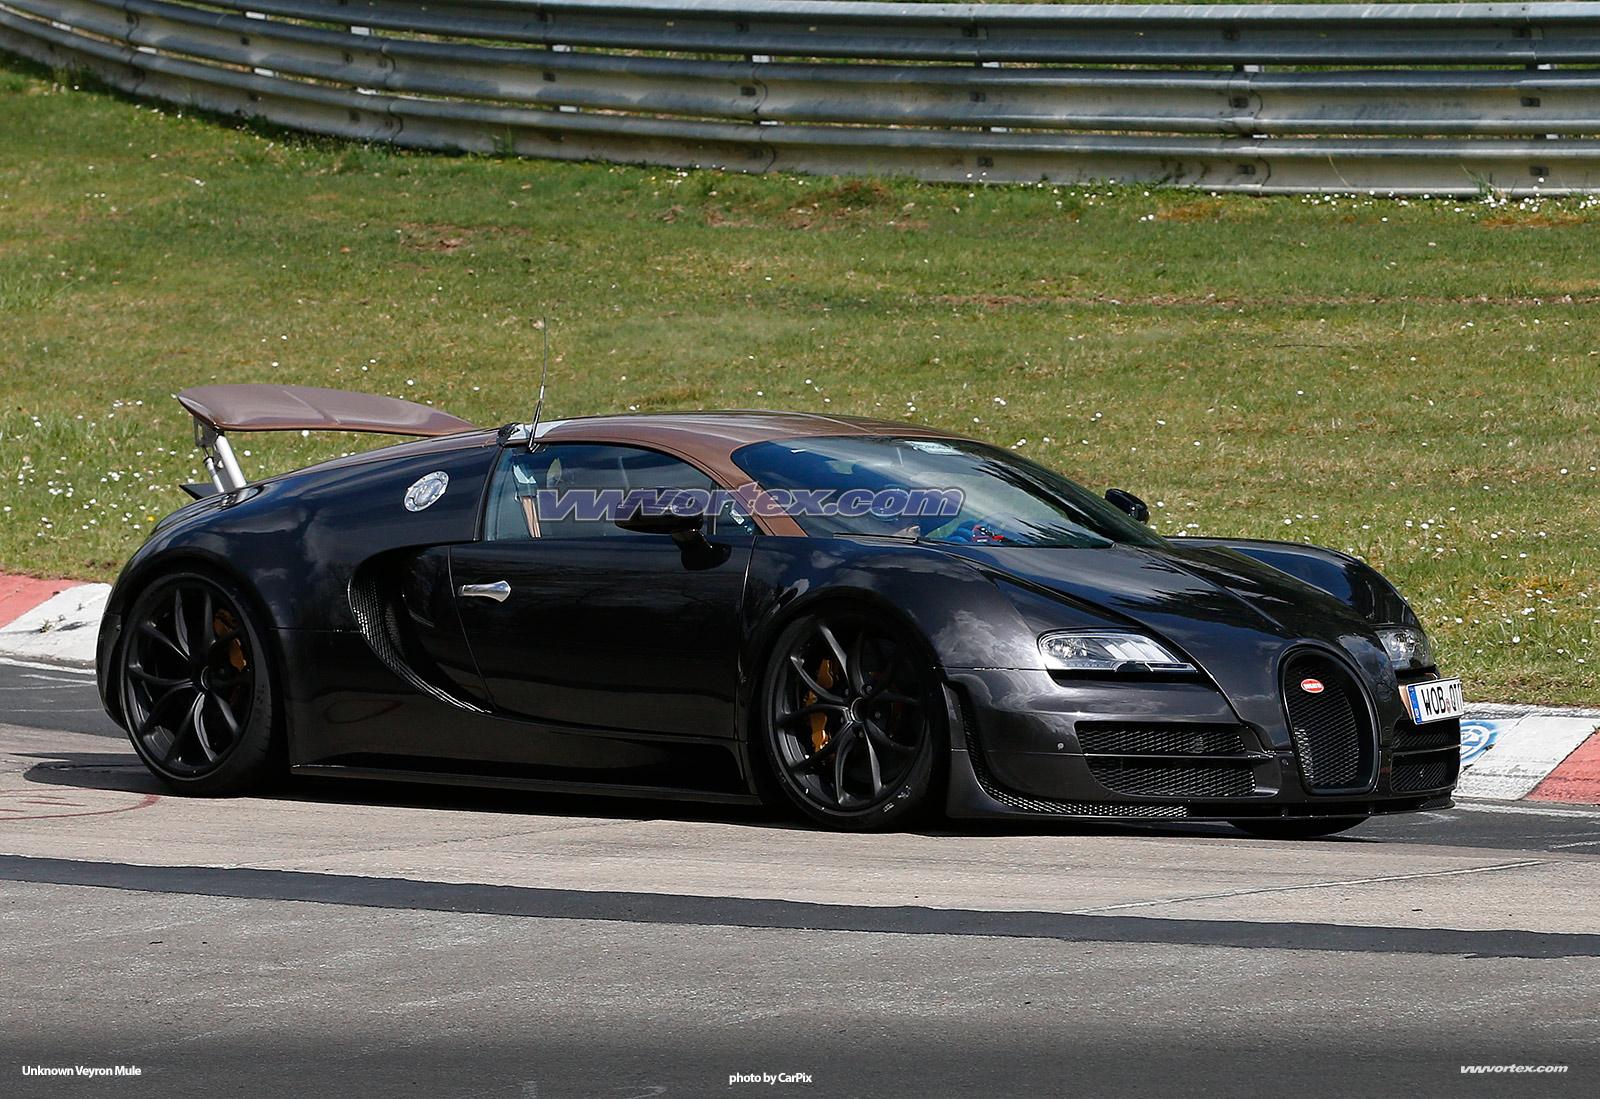 bugatti-veyron-mules-372